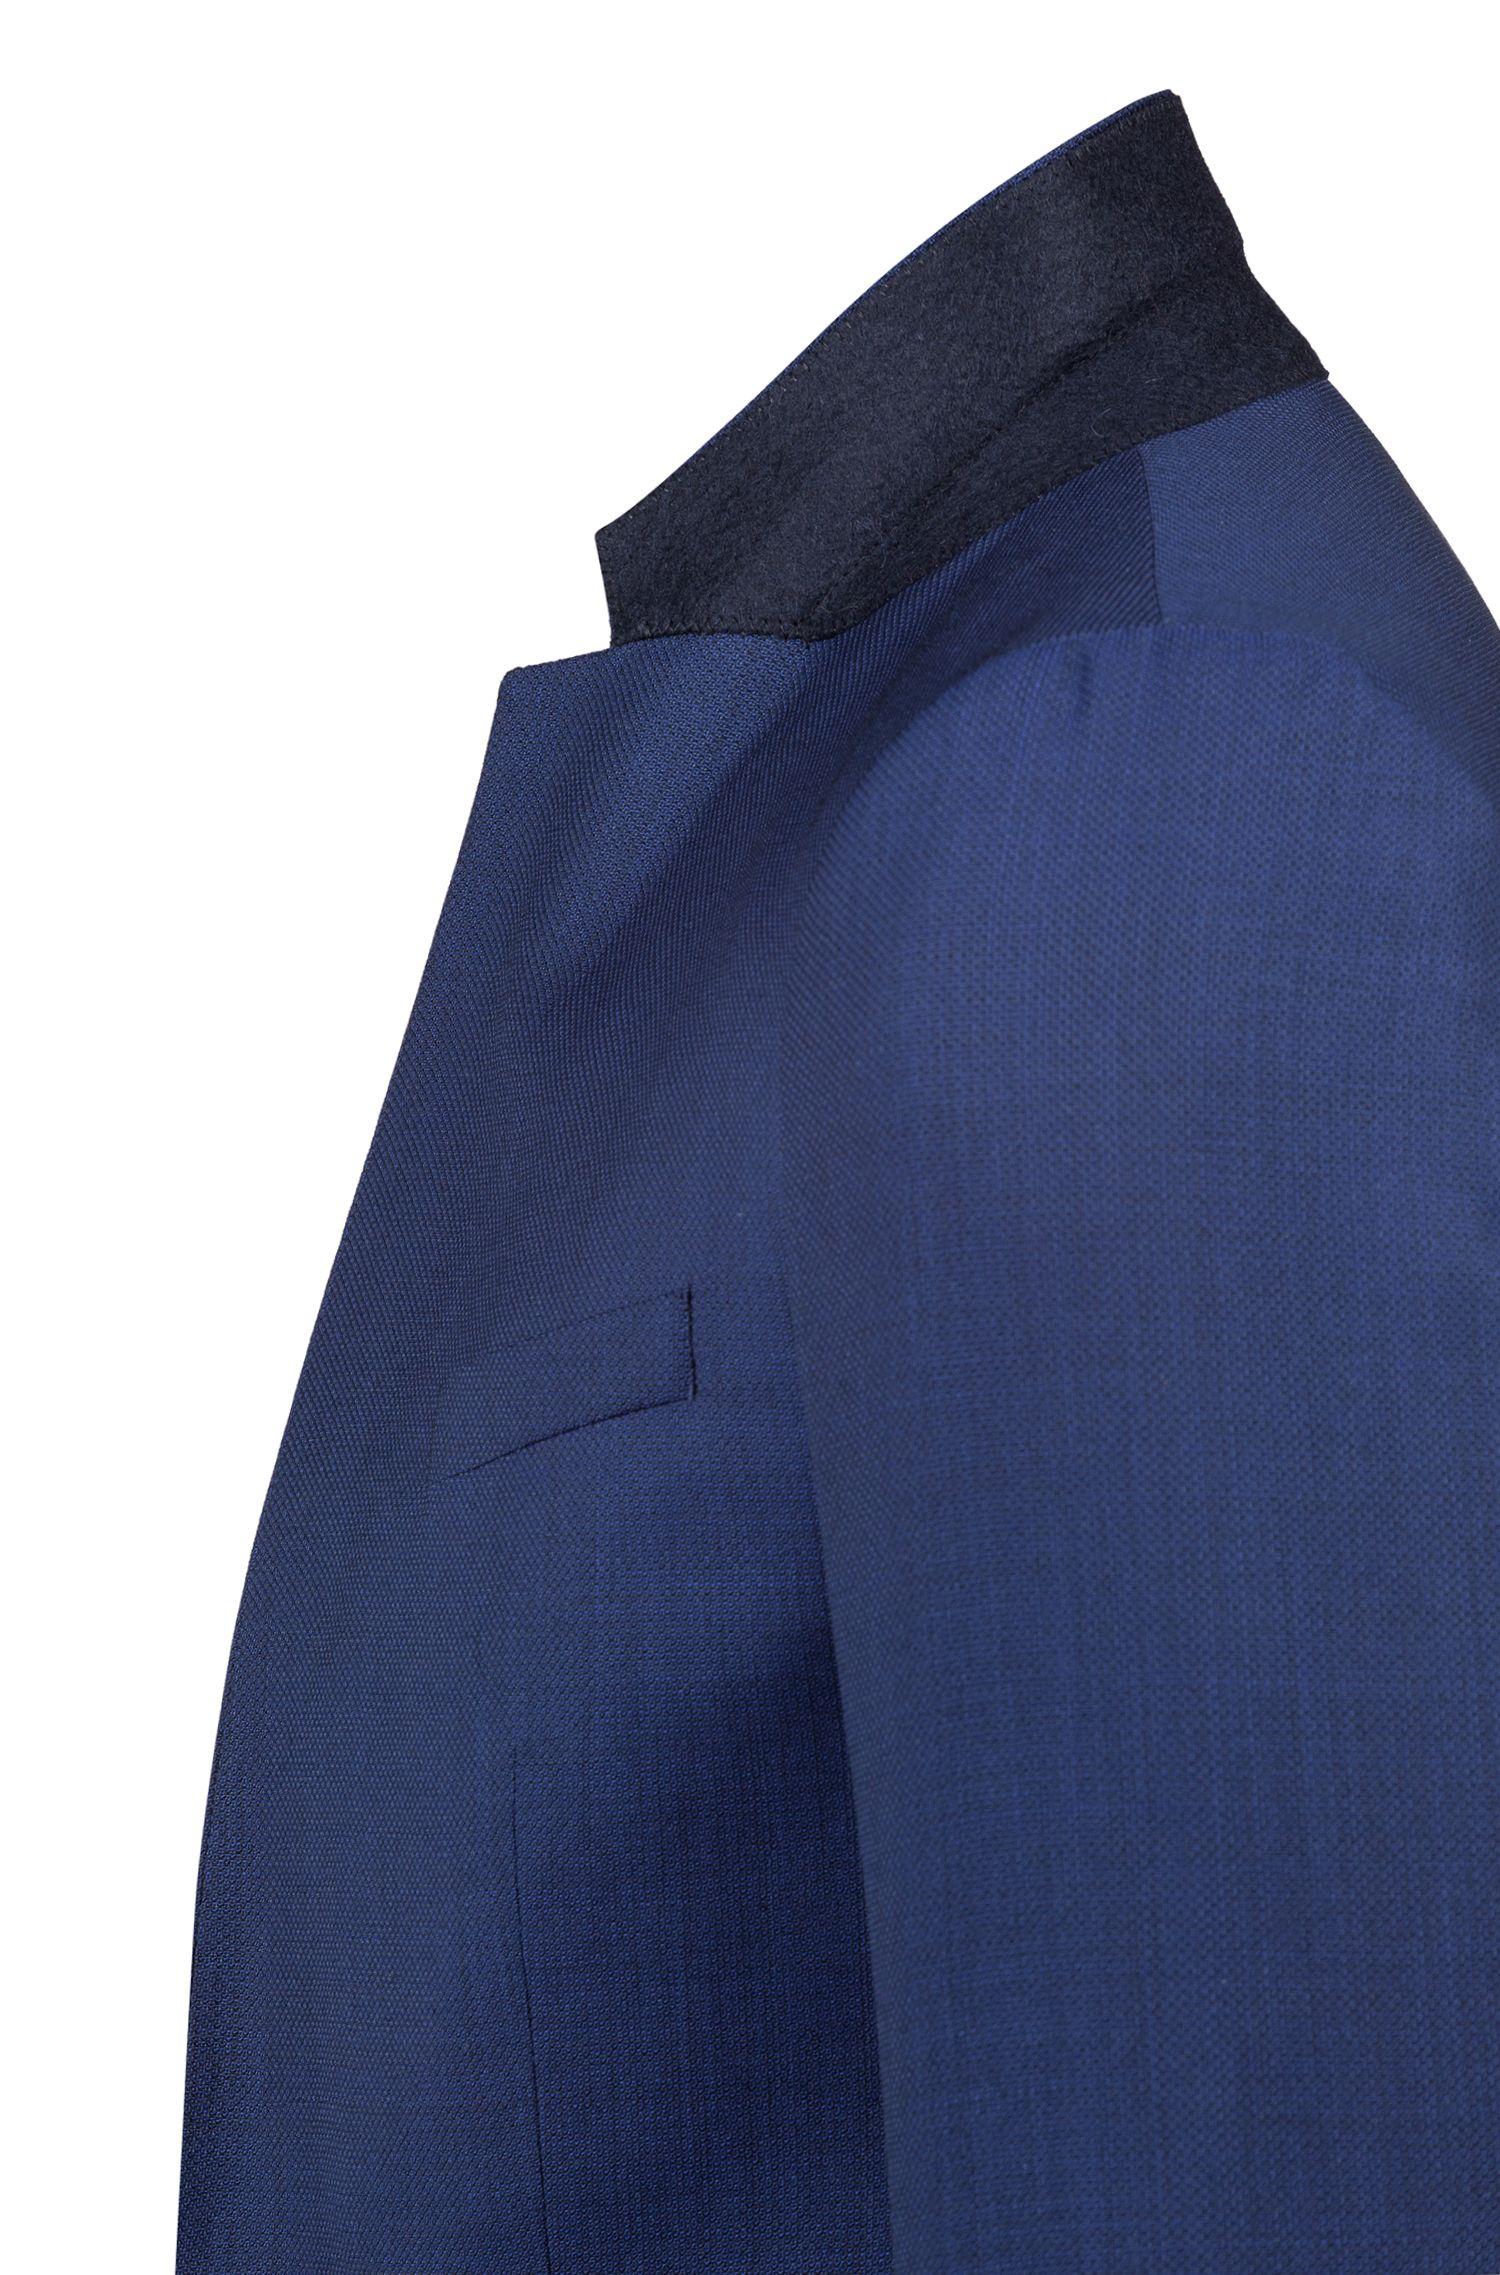 Blazer Extra Slim Fit en laine vierge micro-structurée, Bleu foncé